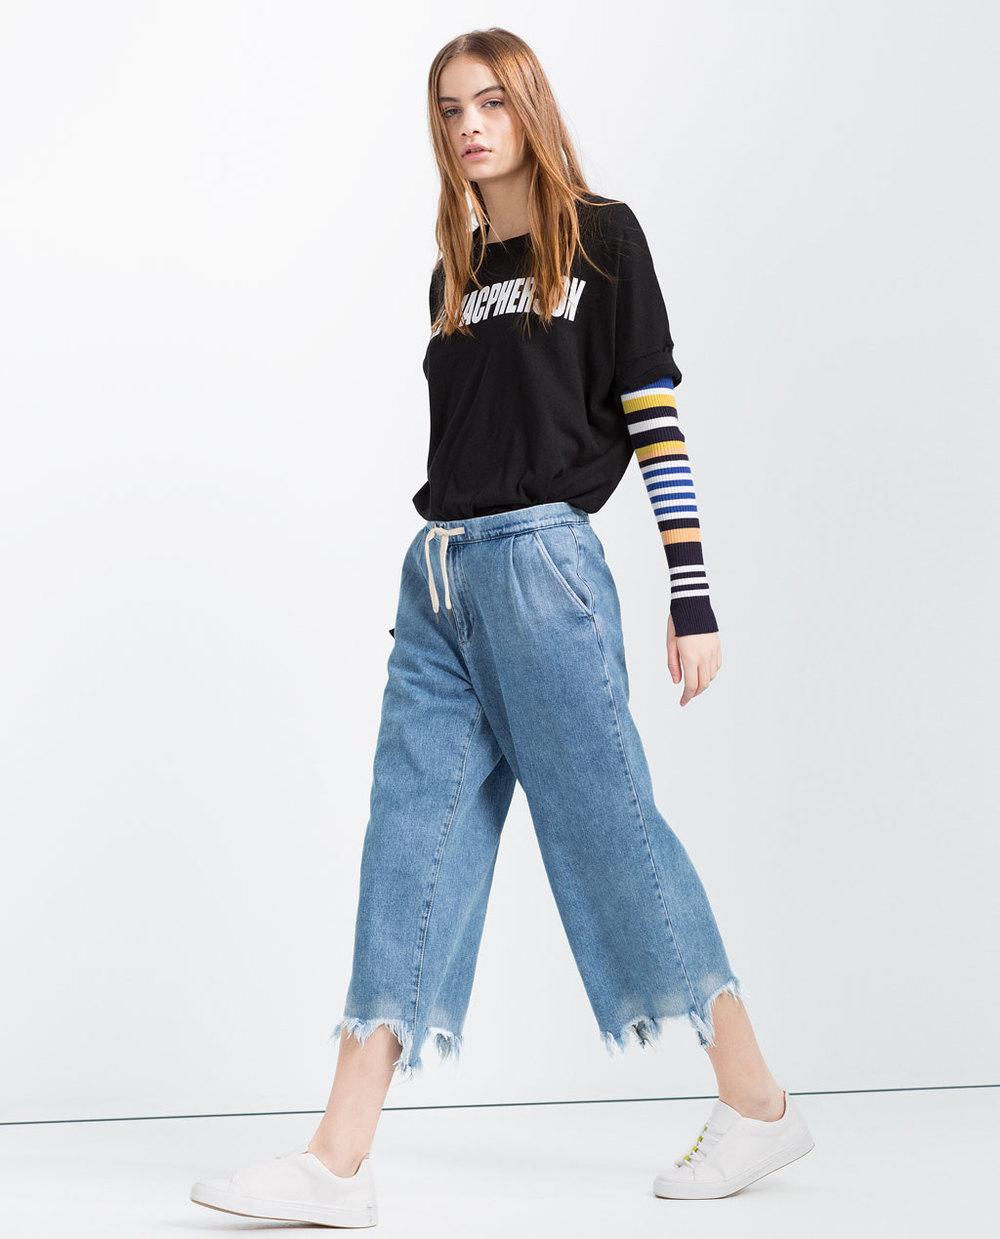 Zara Frayed Denim Culottes £19.99